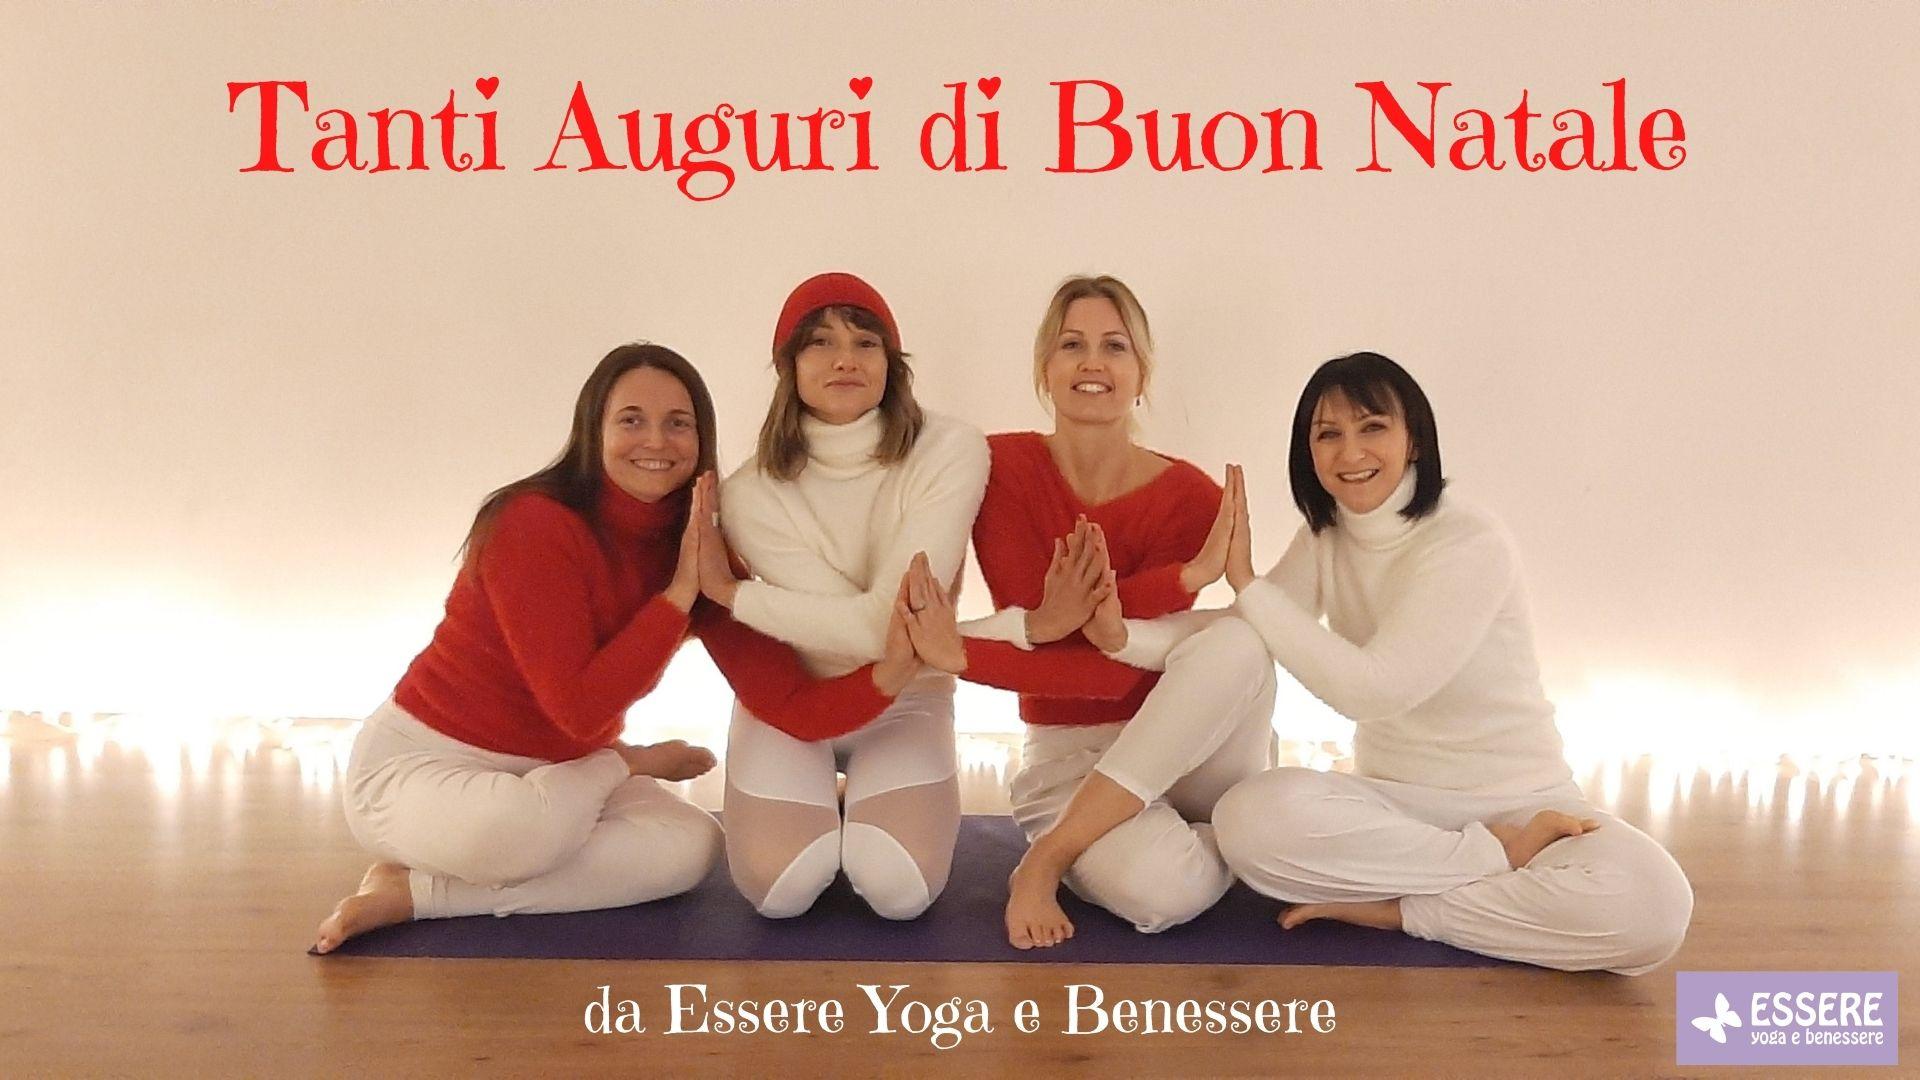 yoga-@-home-lezioni-online-casa-essere-free-gratuito-gratis-benessere-per-tutti-alassio-lucia-ragazzi-meditazione-salute-sport-wellness-wellbeing-natale-auguri